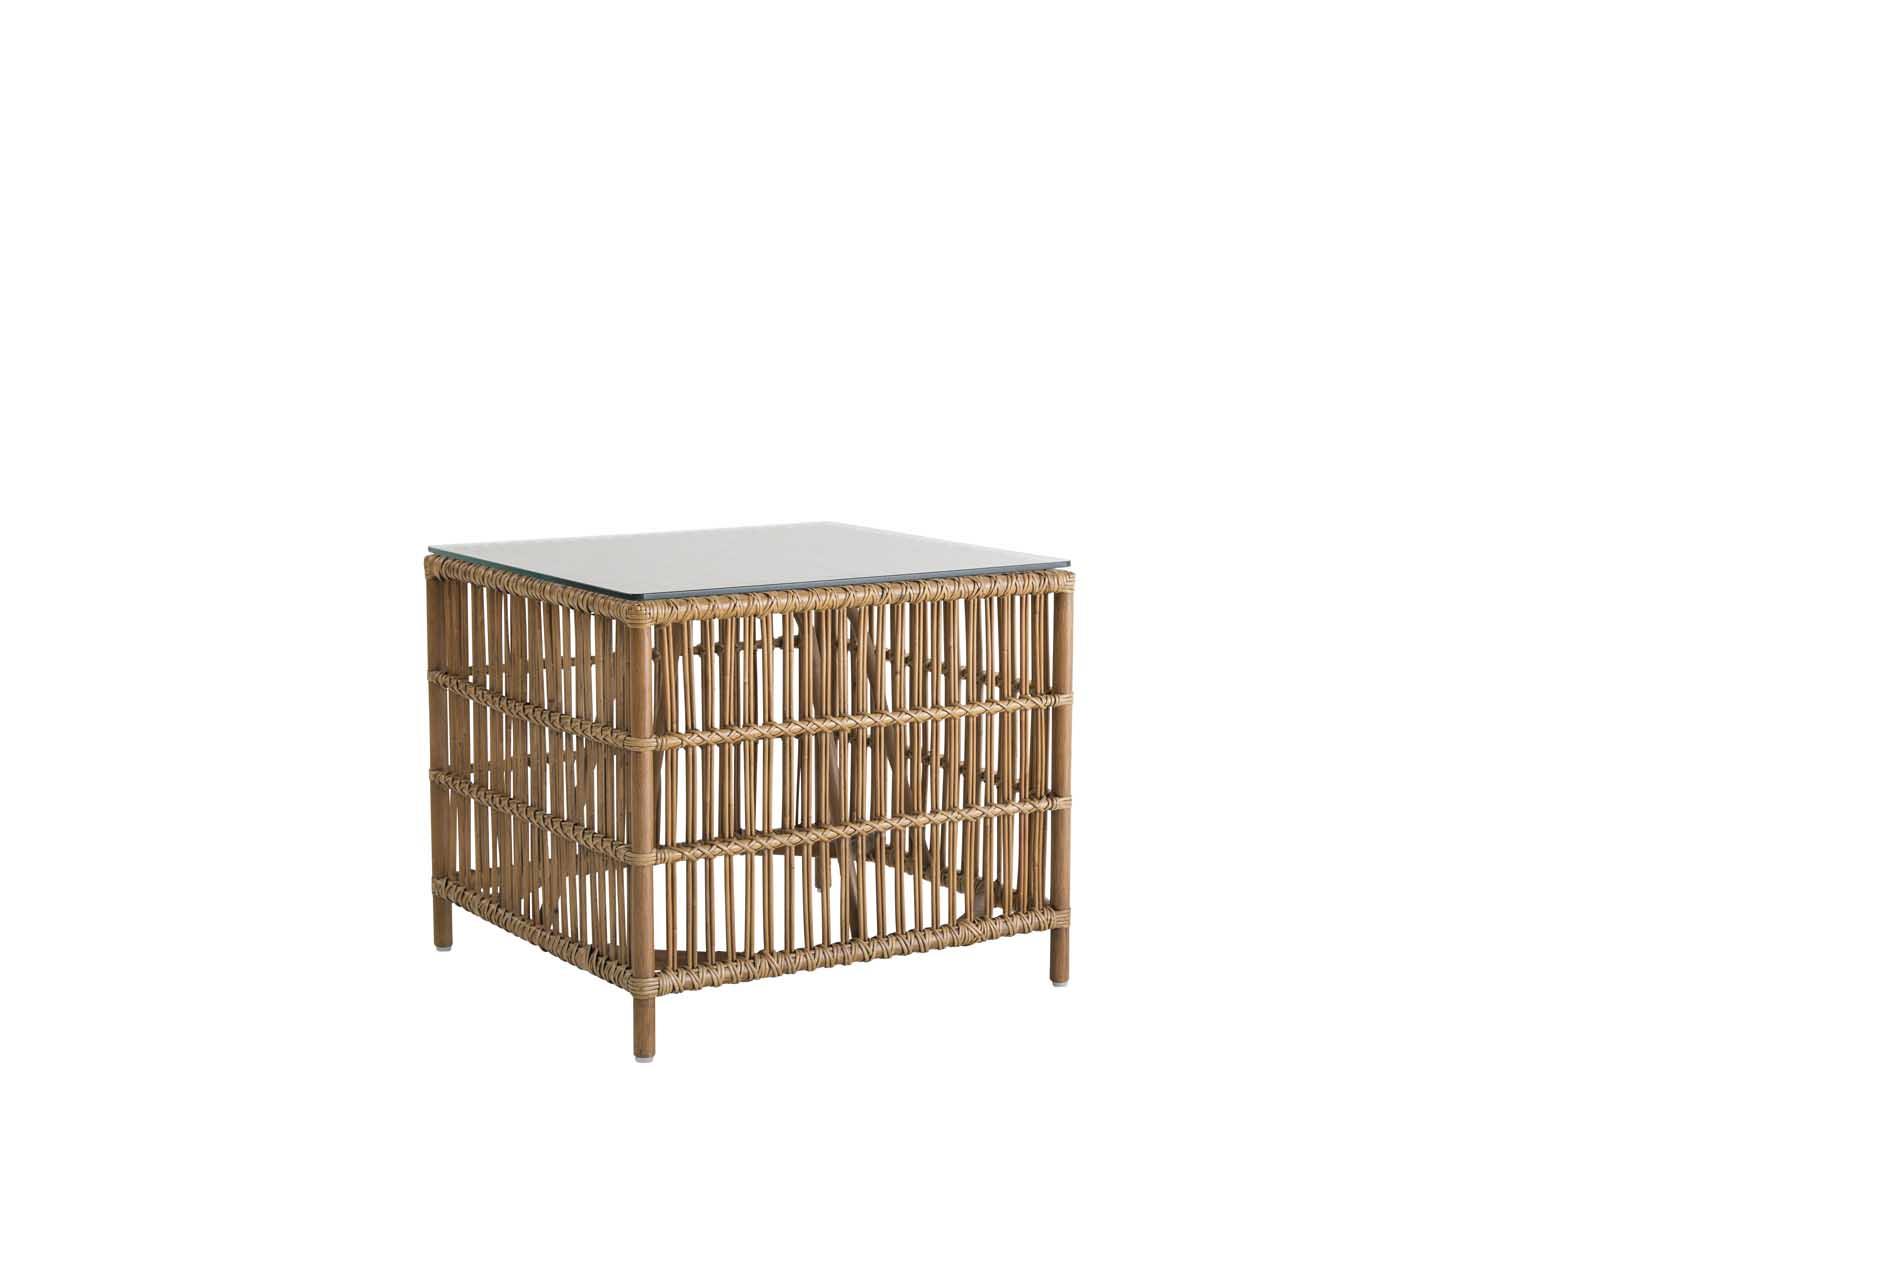 Tables basse carrée en rotin antique